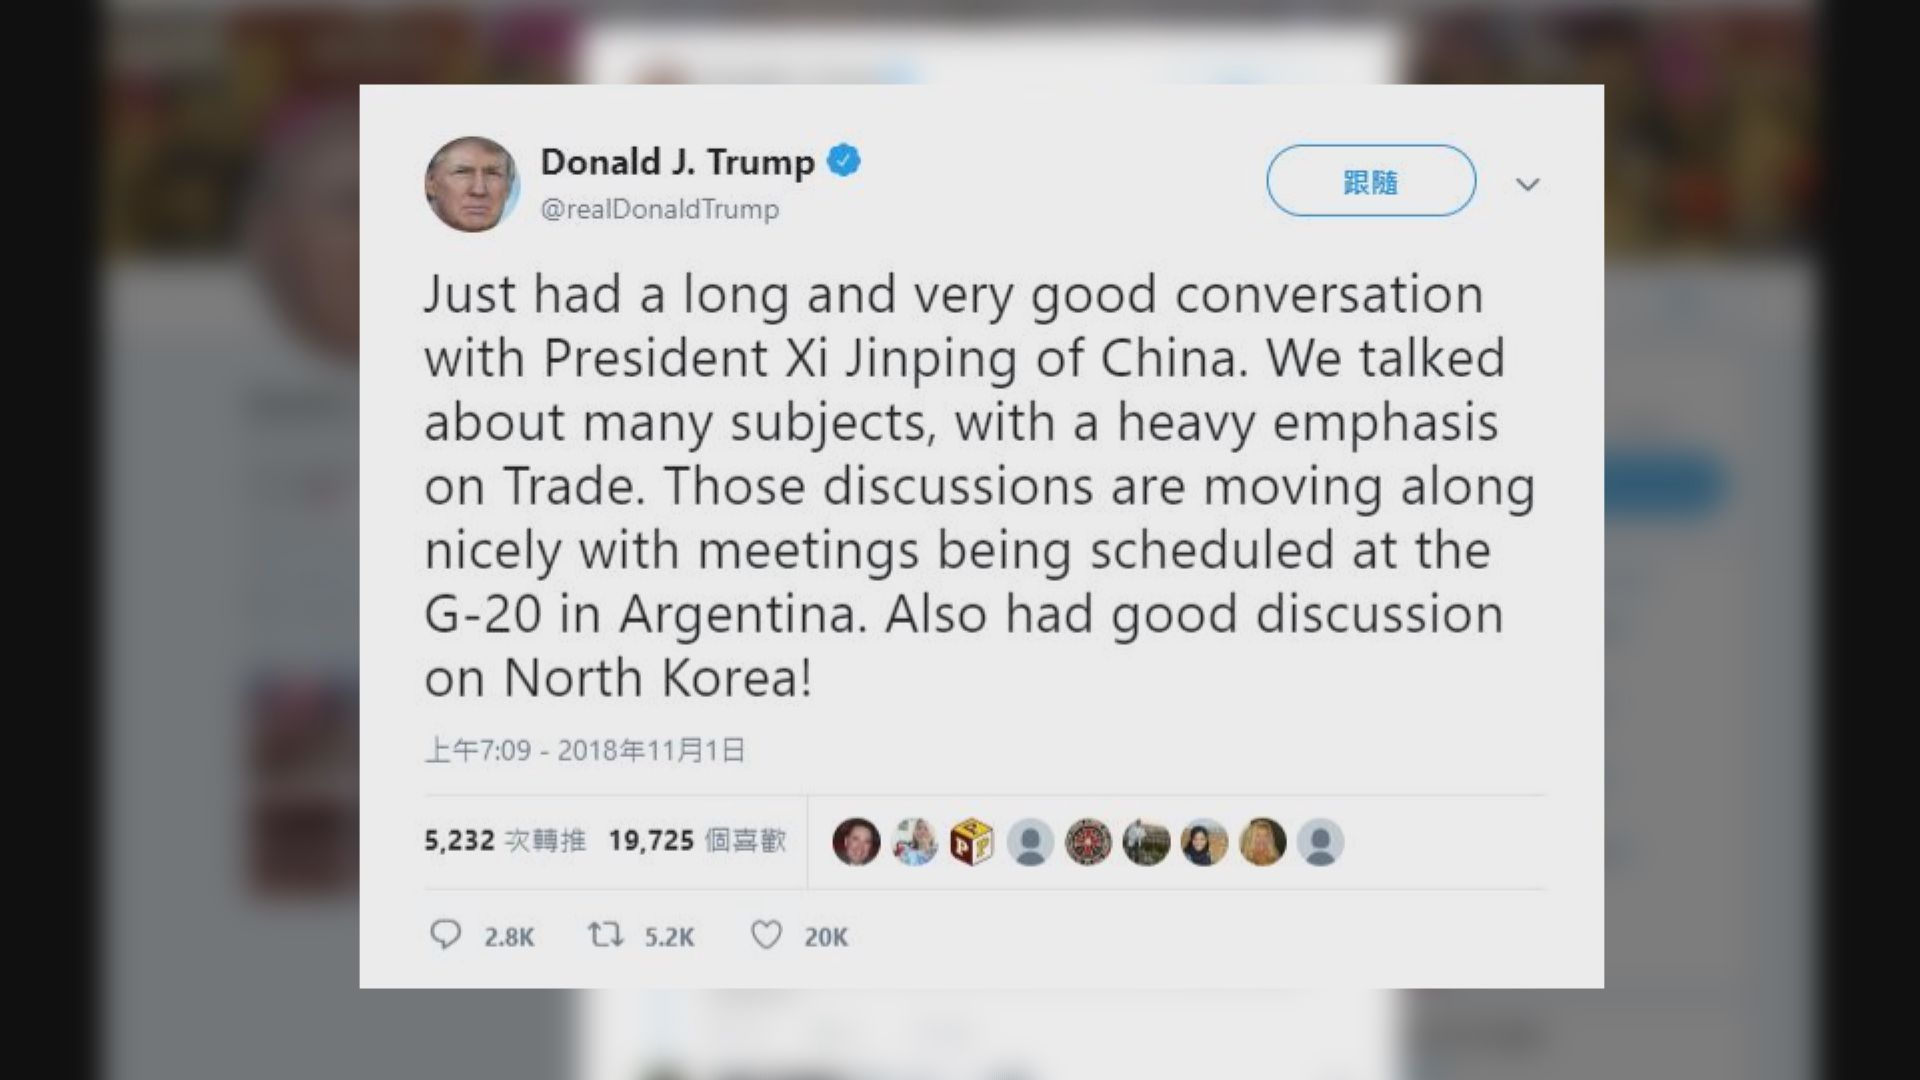 特朗普稱與習近平進行了良好對話